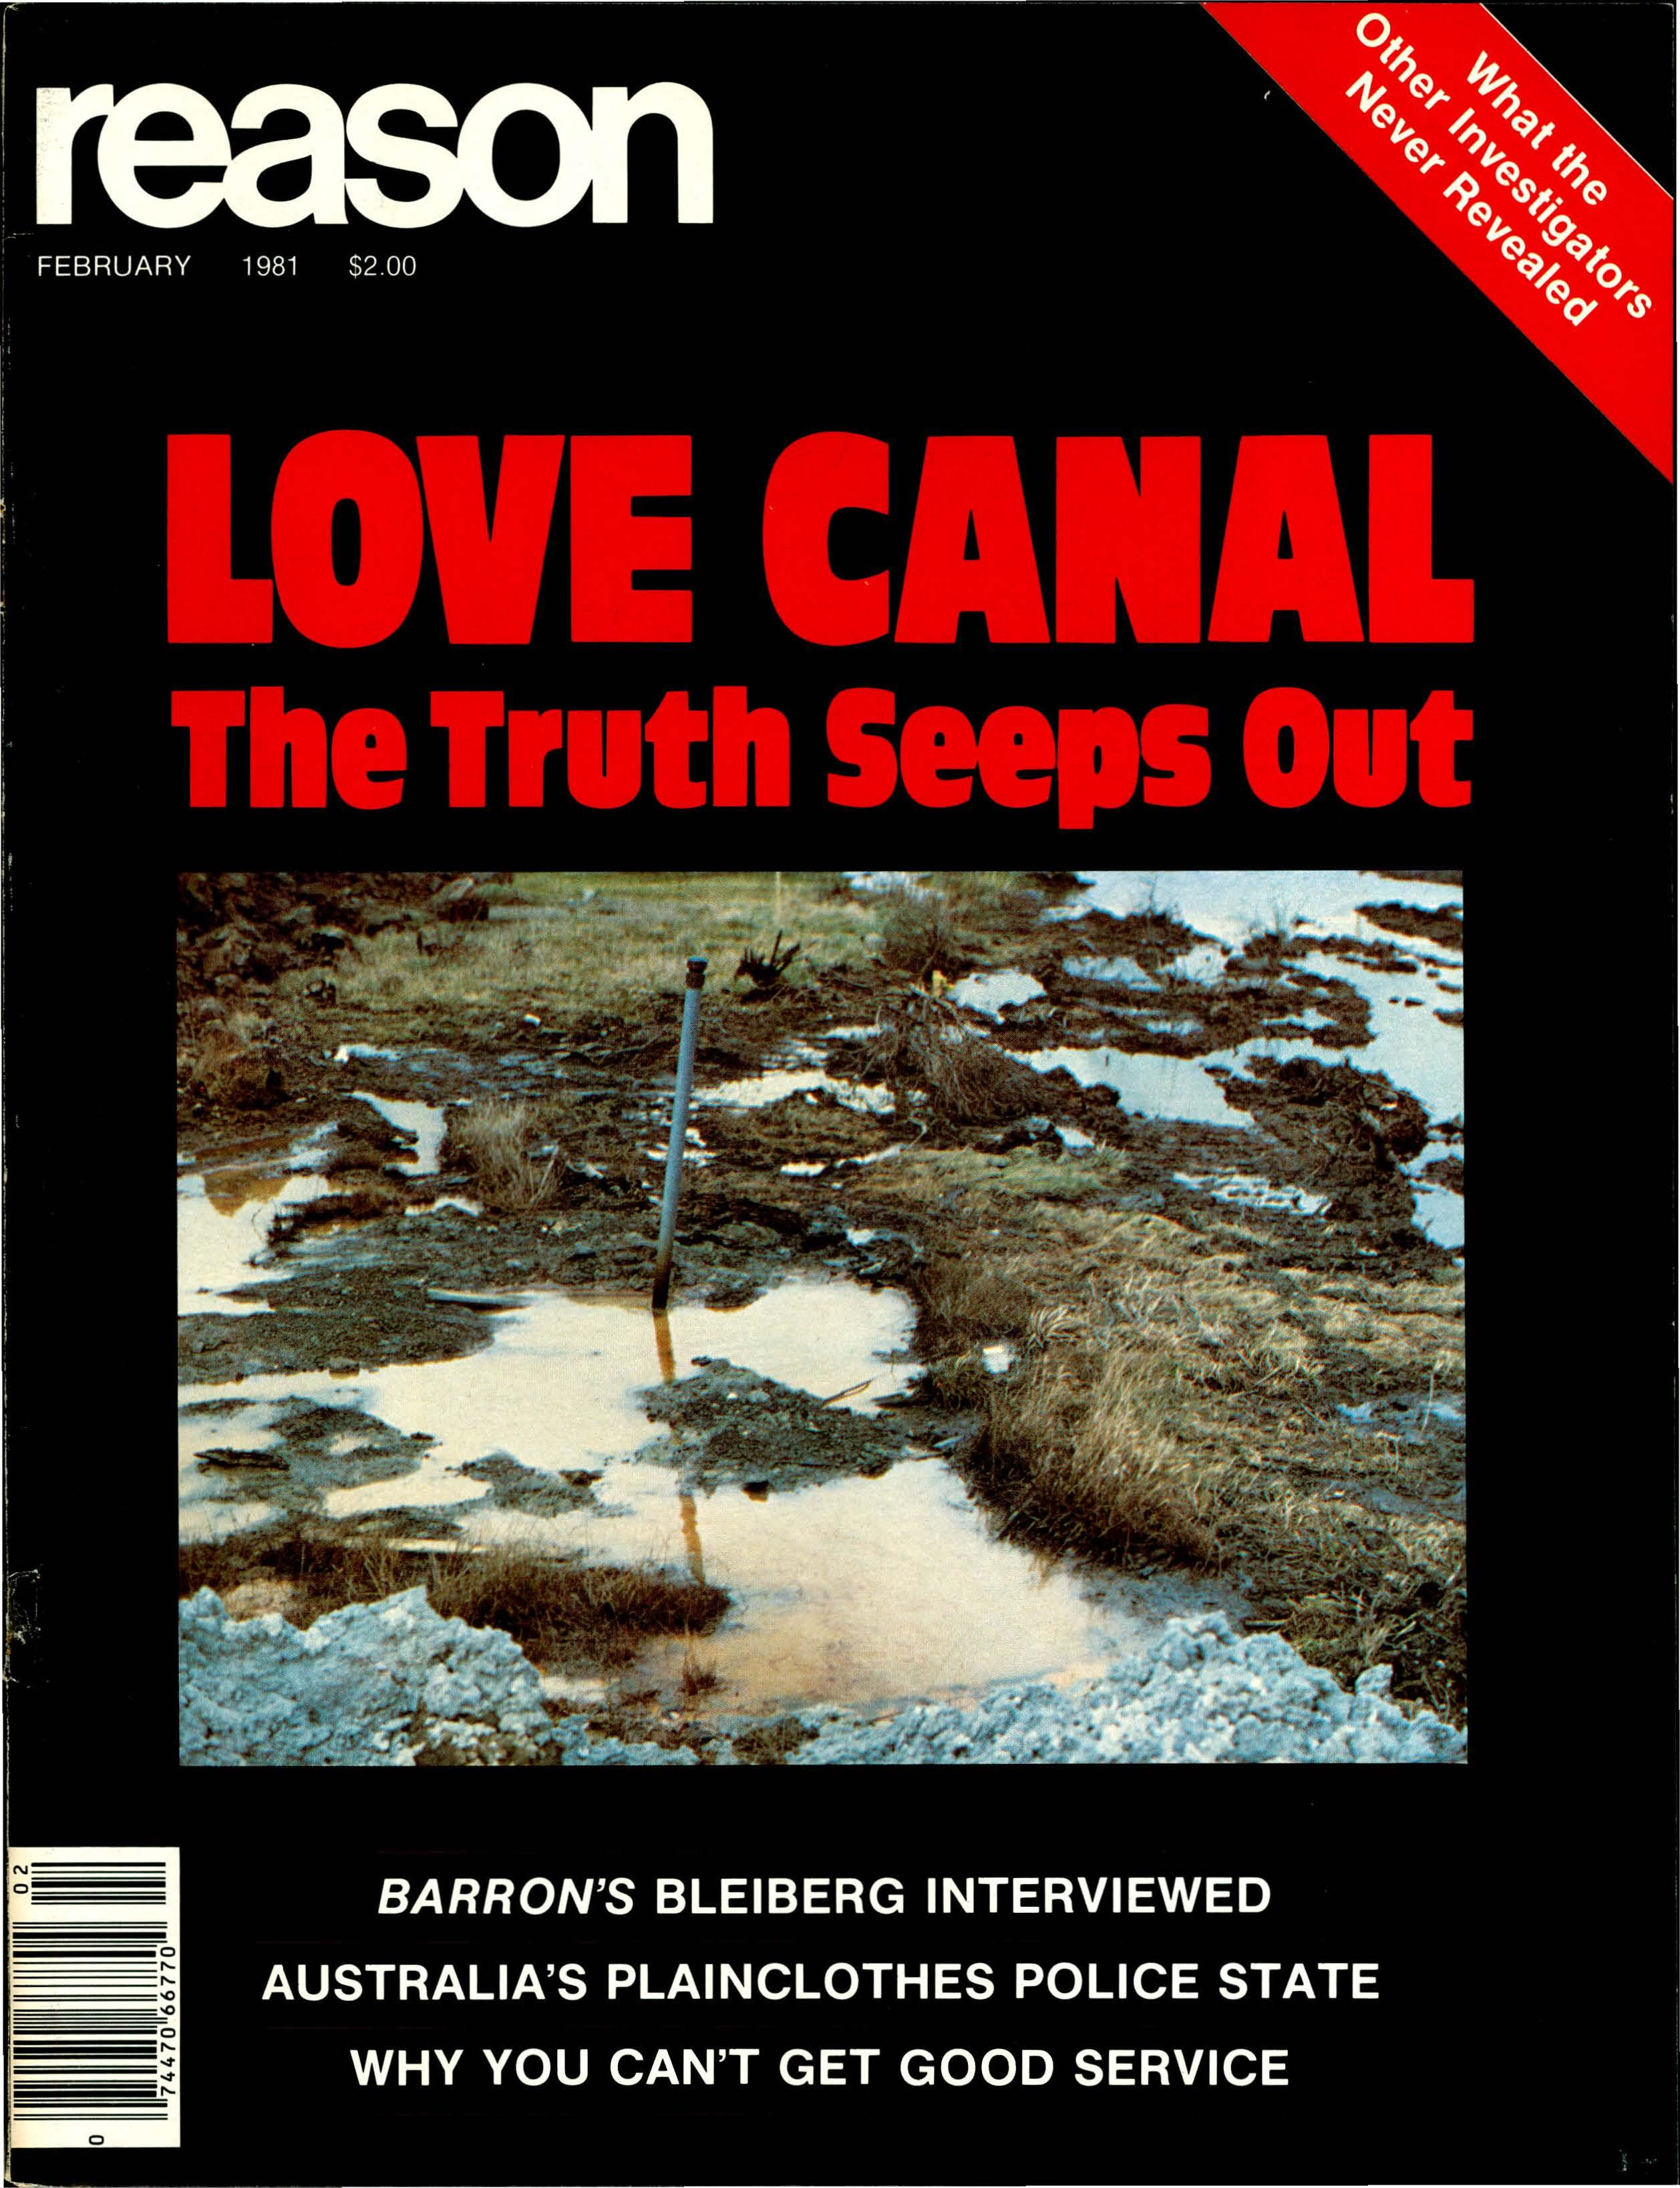 Reason Magazine, February 1981 cover image